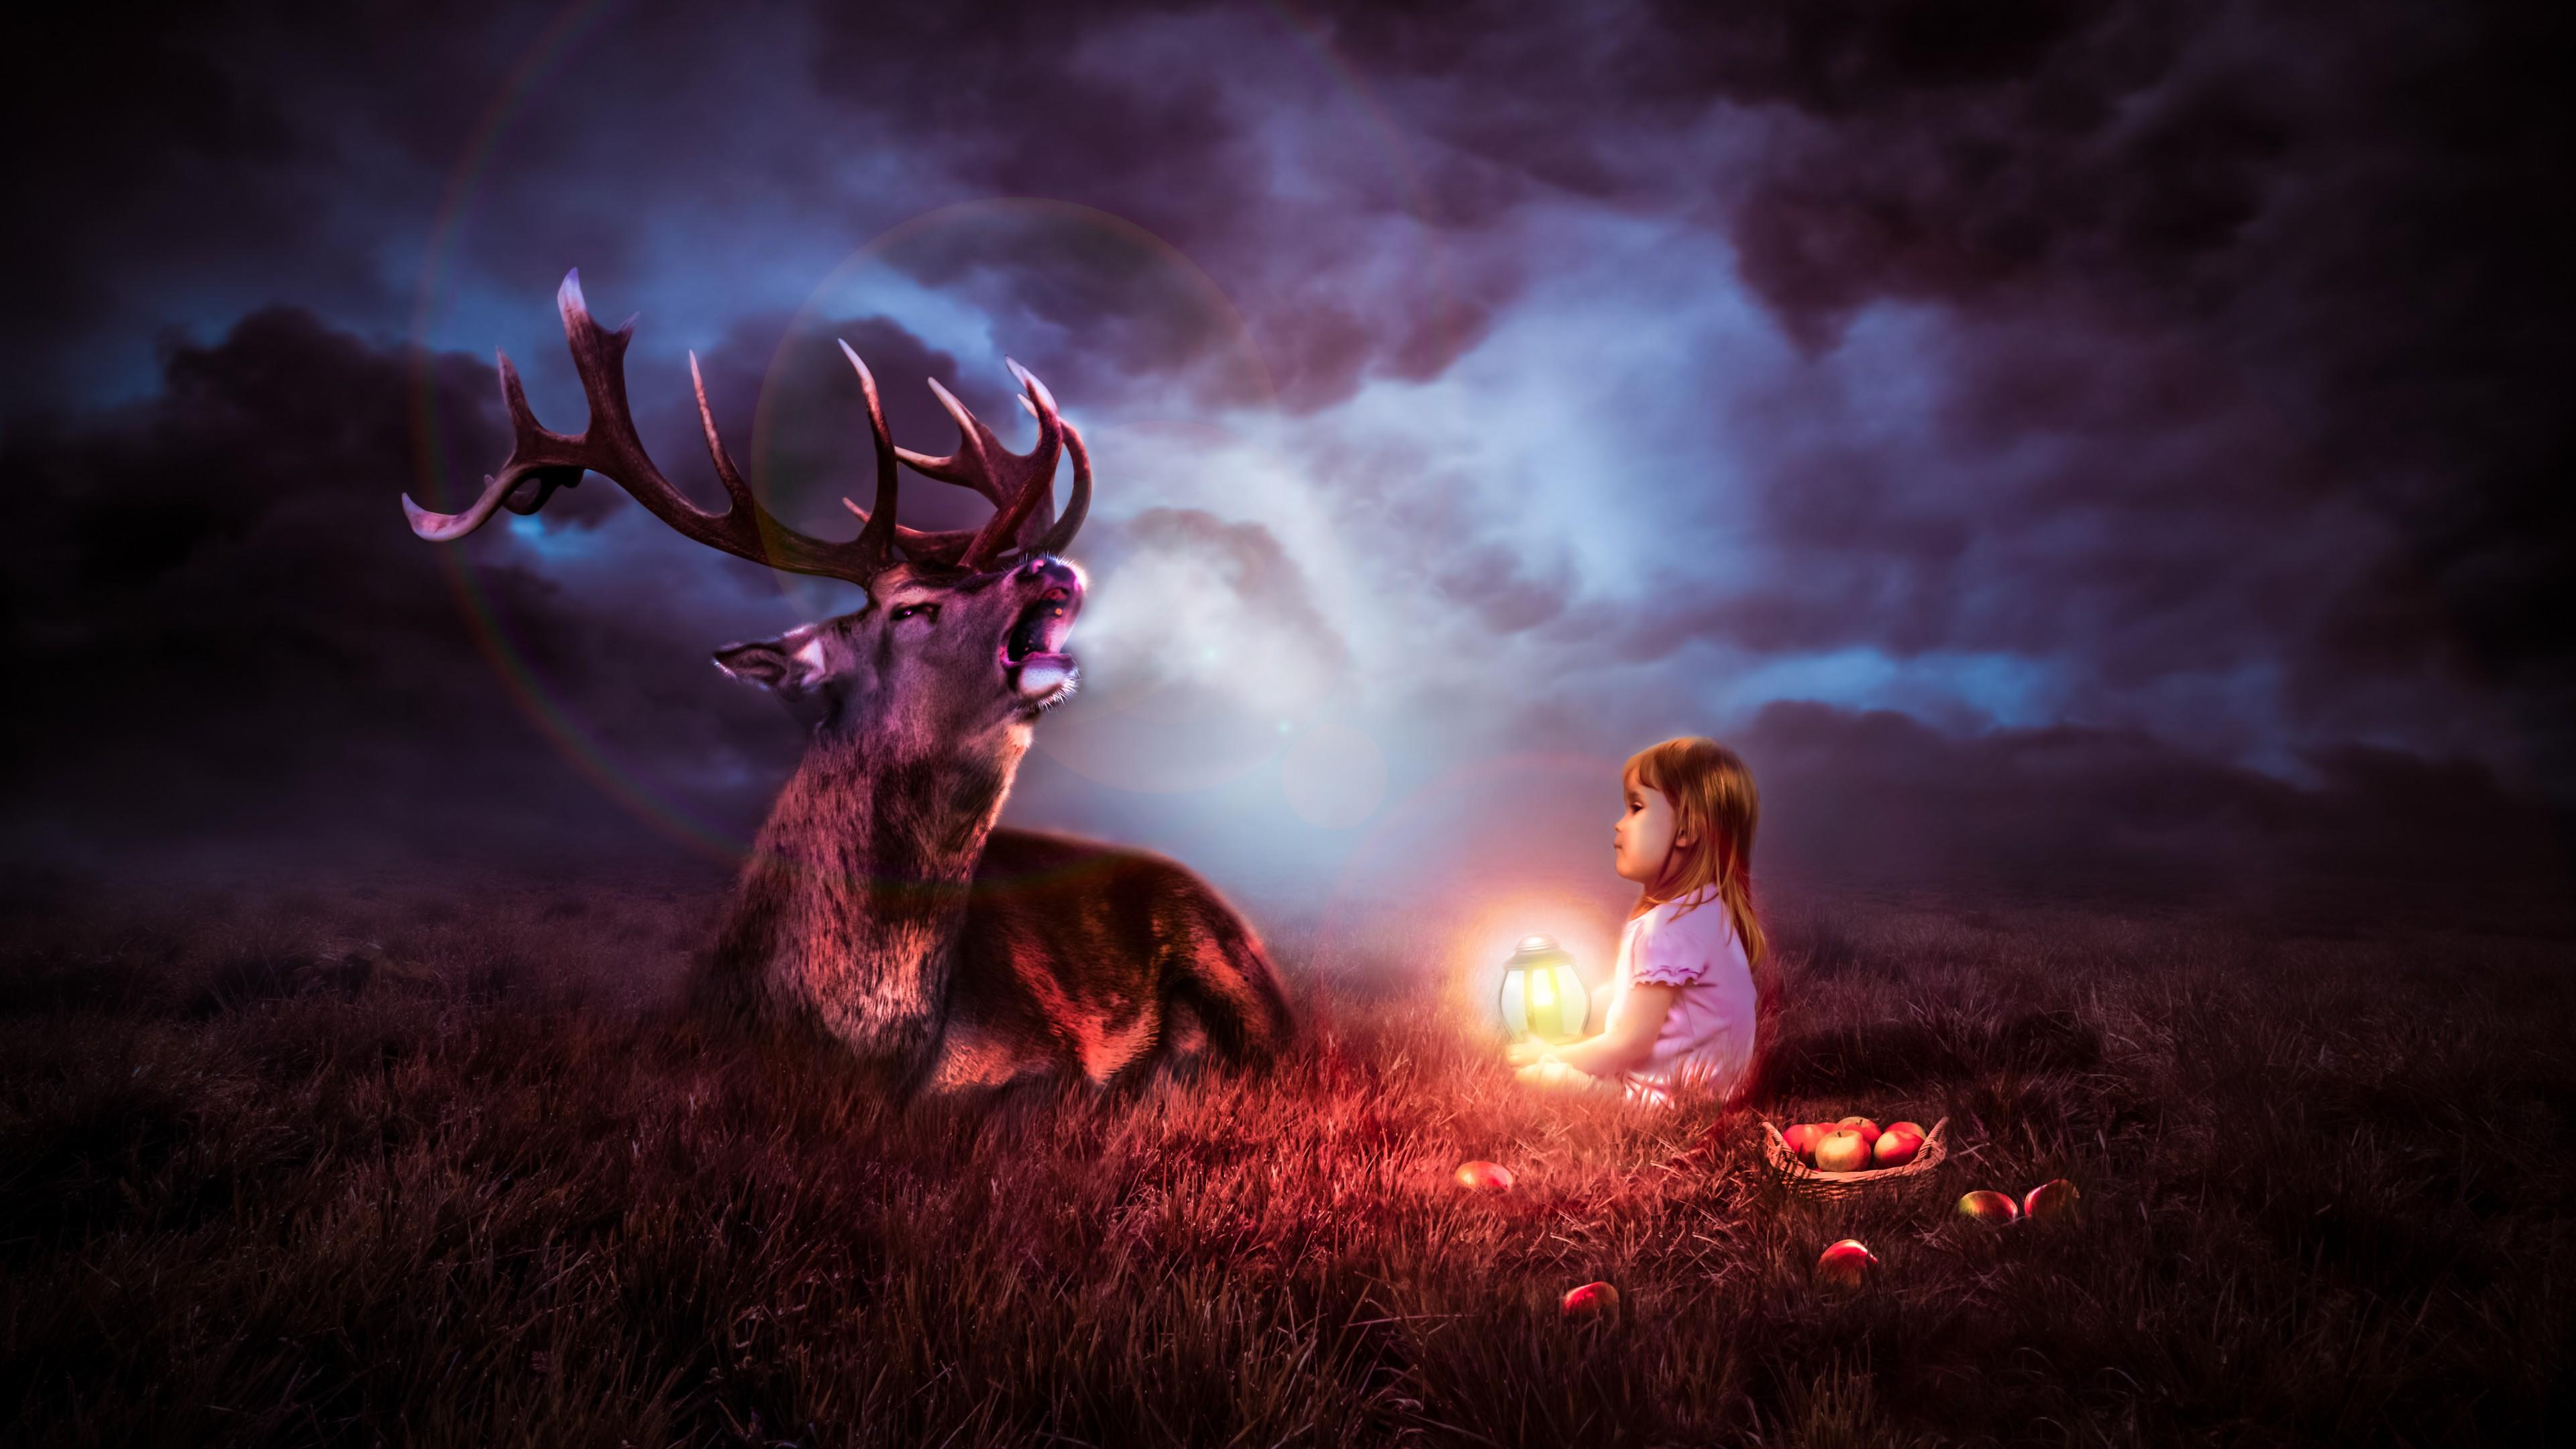 Олень и девочка с волшебным фонарем под облаками ночного неба